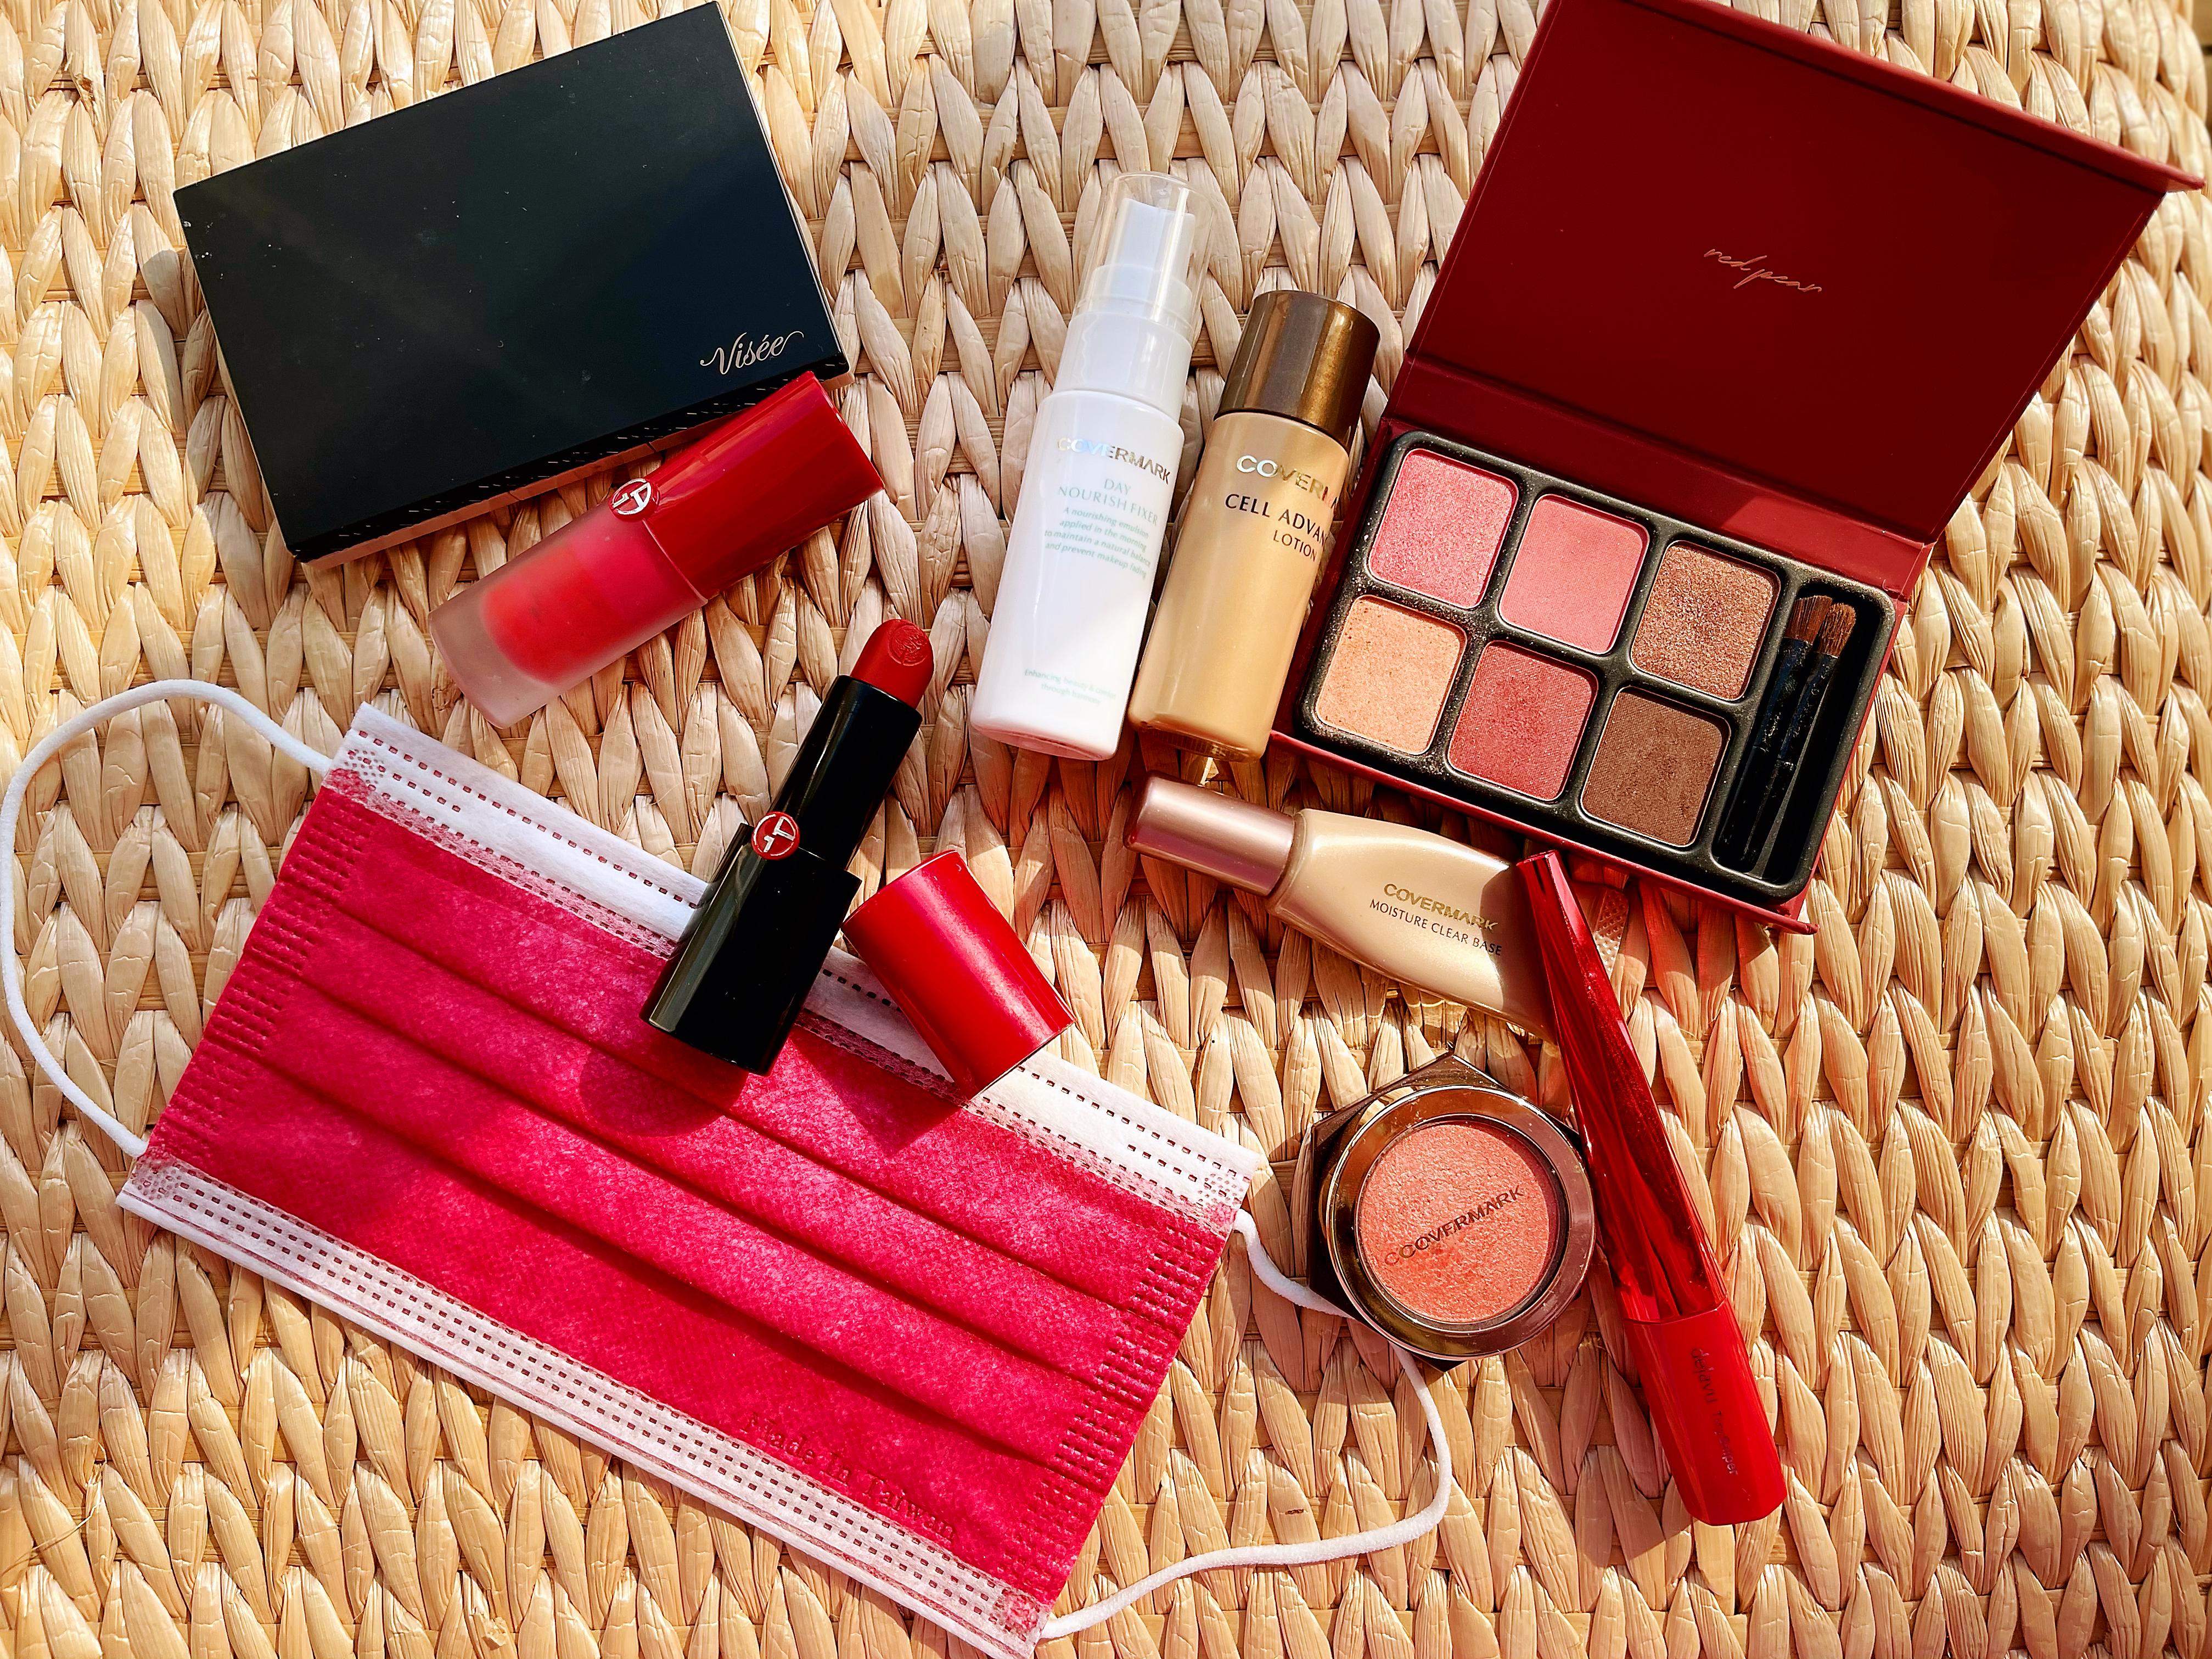 ▲開箱黃若薇化妝包,紅色系成為新年標配。